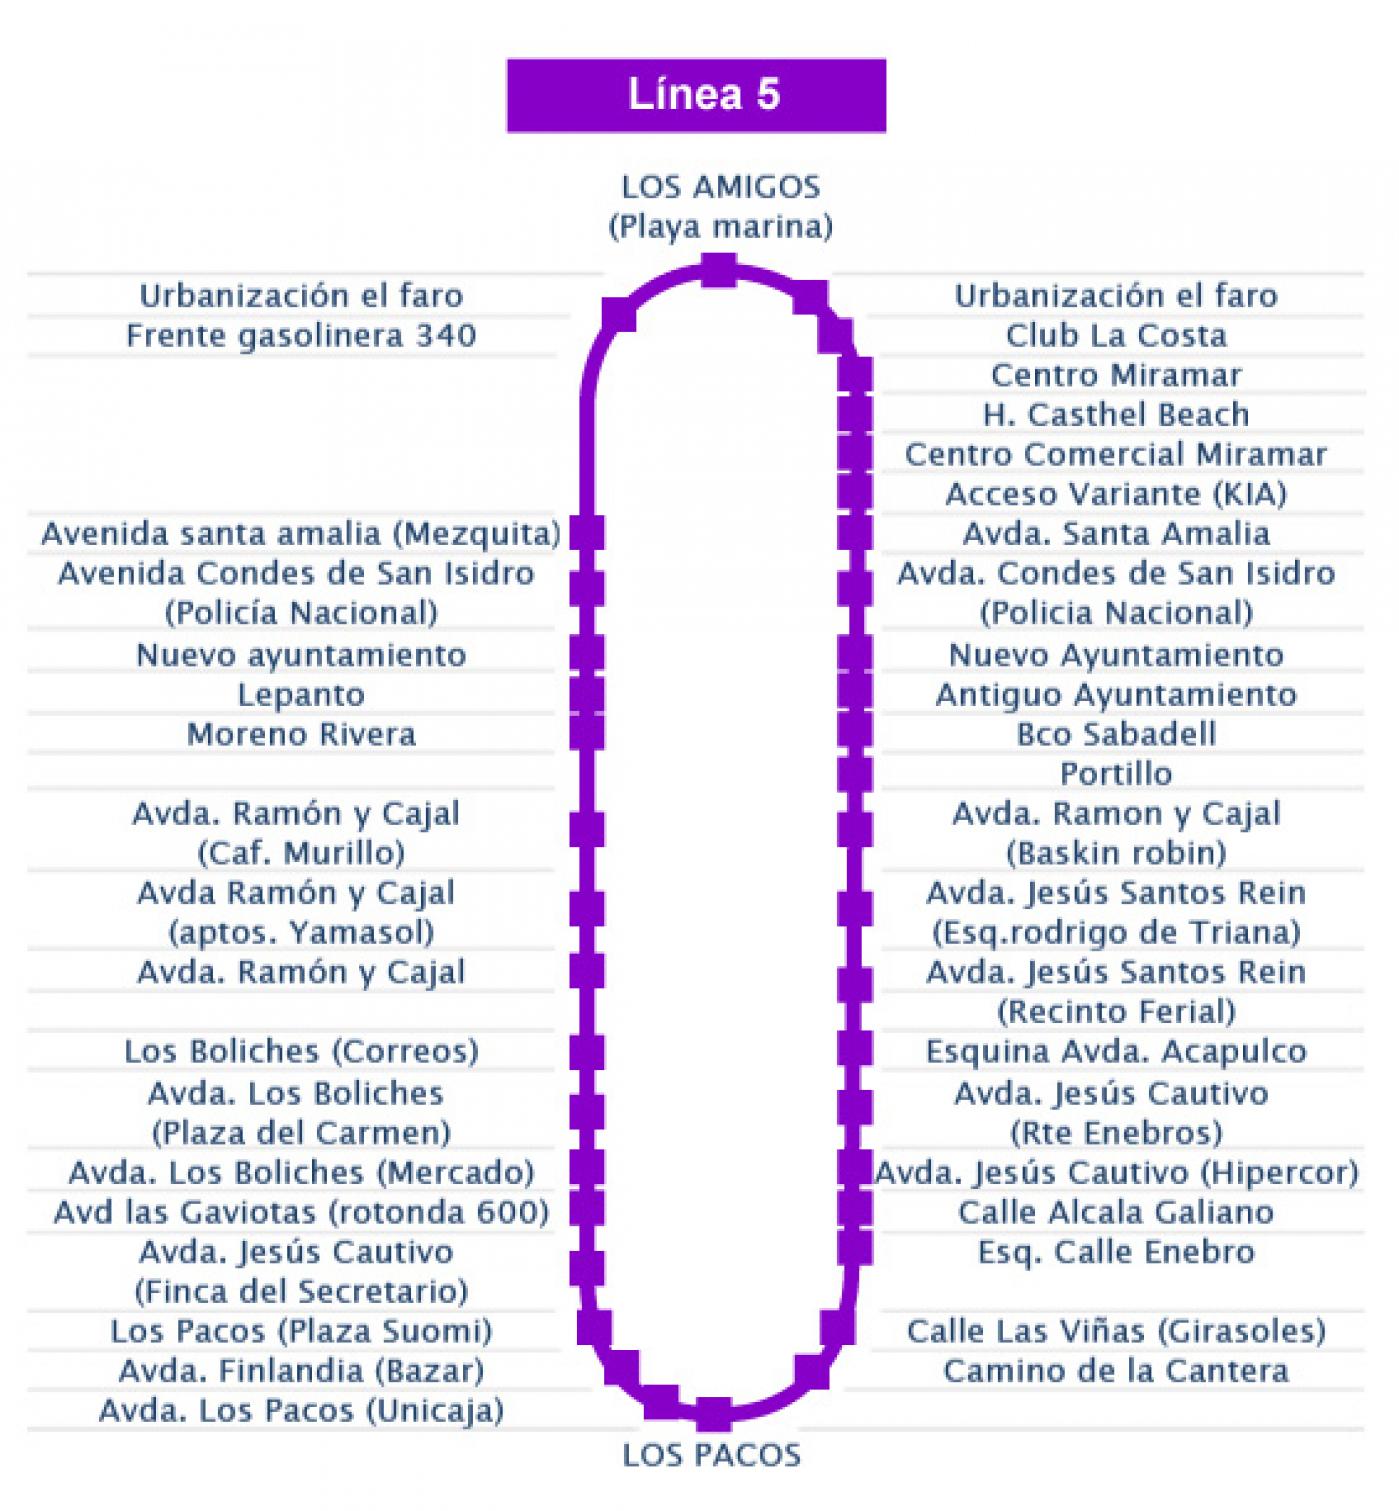 Recorrido esquemático, paradas y correspondencias Línea 5: Los Pacos - Parque Miramar - Plaza Marina